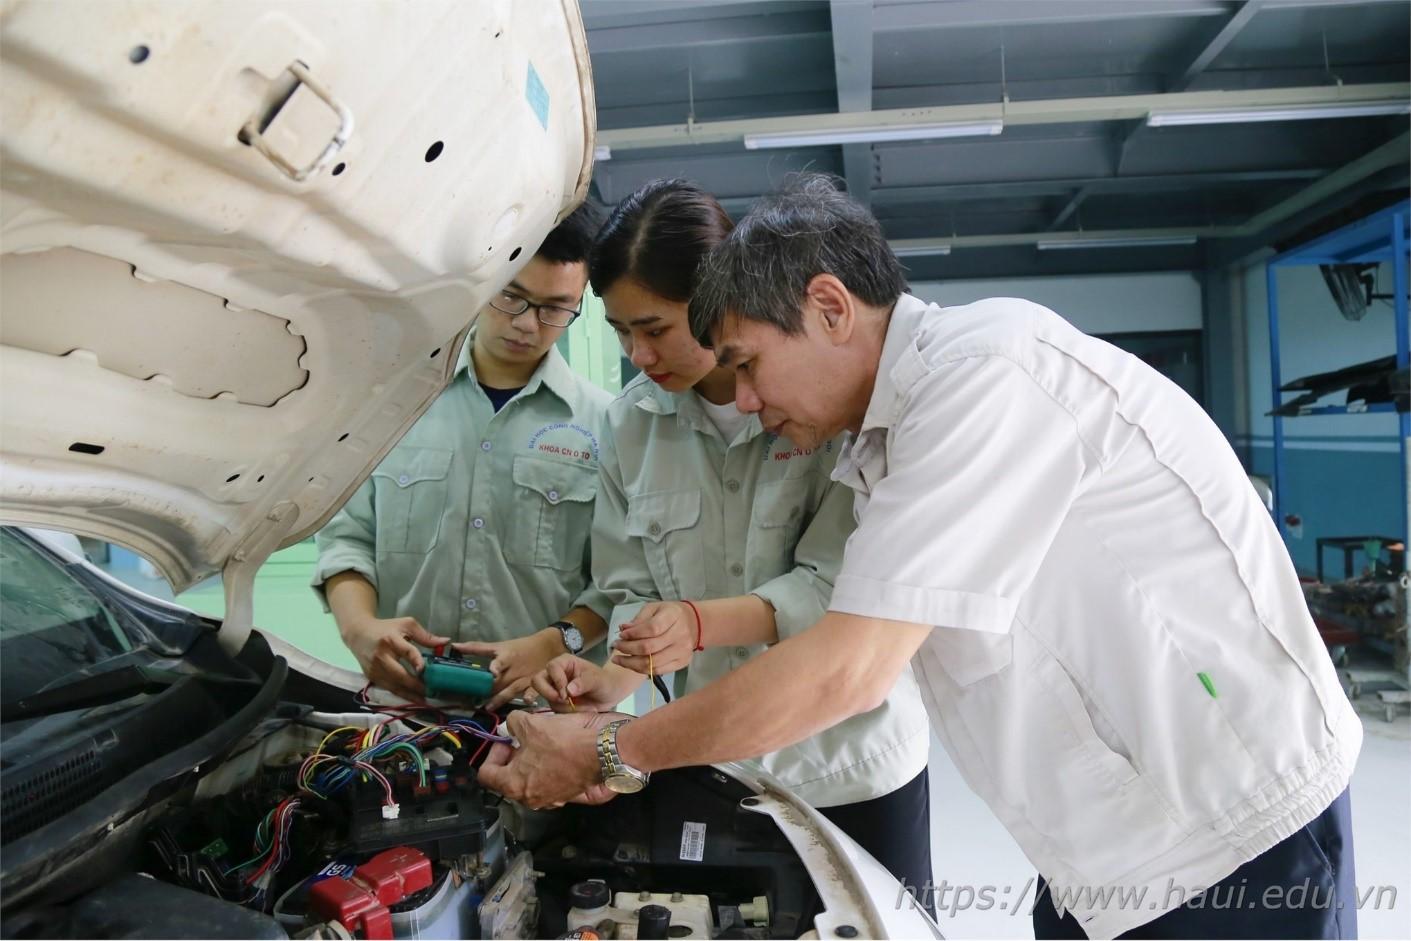 Cao Thị Mến - Nữ sinh đam mê ngành Công nghệ kỹ thuật ô tô, thành viên Đội tuyển tham dự kỳ thi Kỹ năng nghề quốc gia 2020